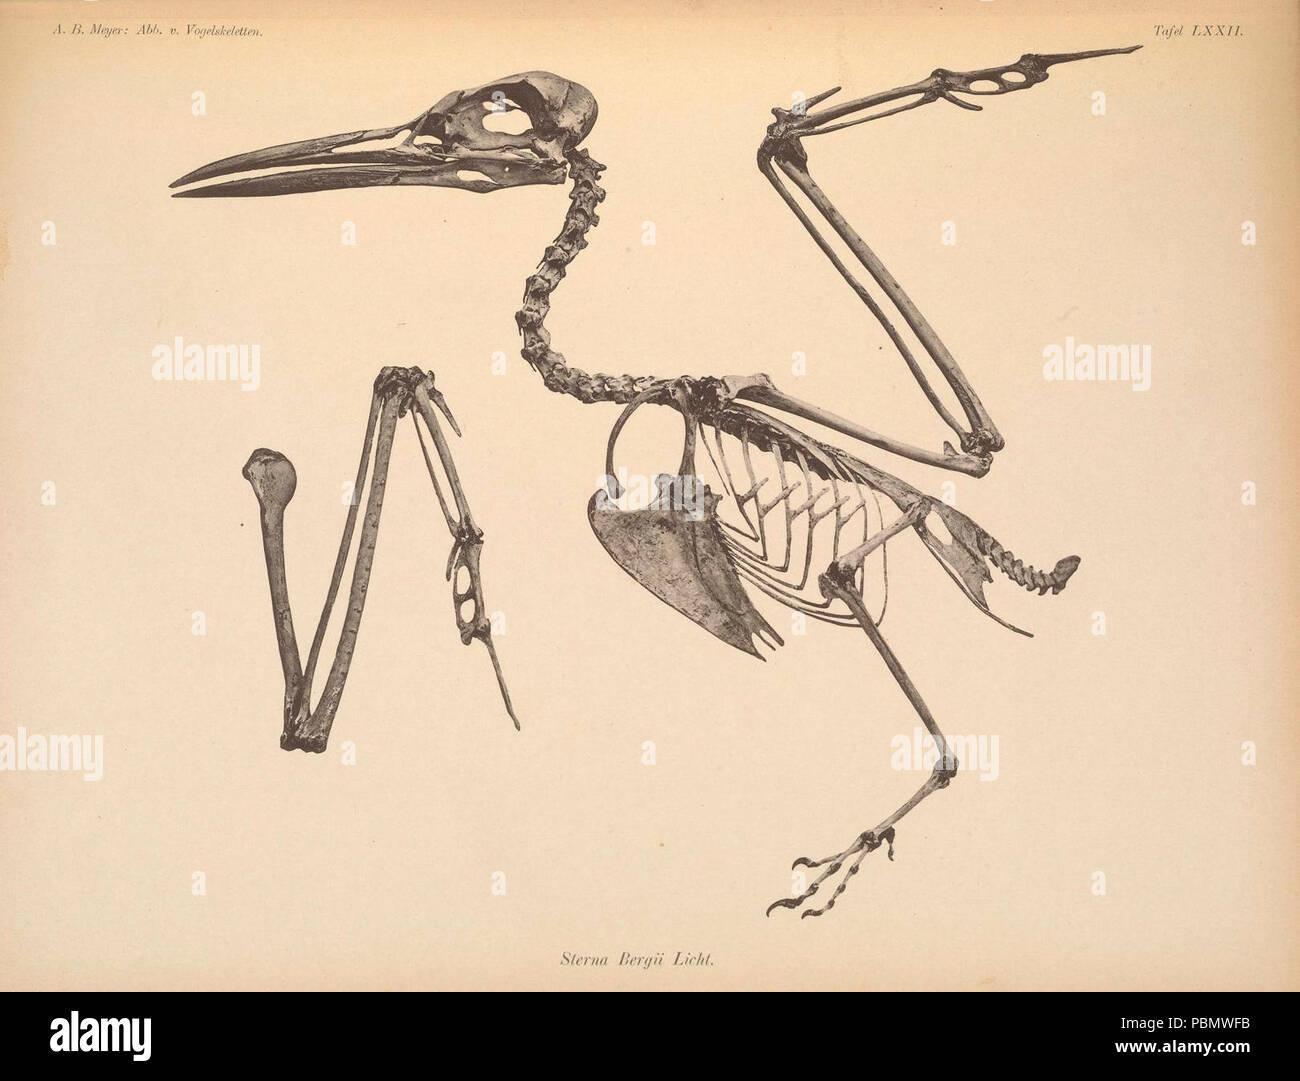 Abbildungen von Vogel-Skeletten (Tafel LXXII) - Stock Image